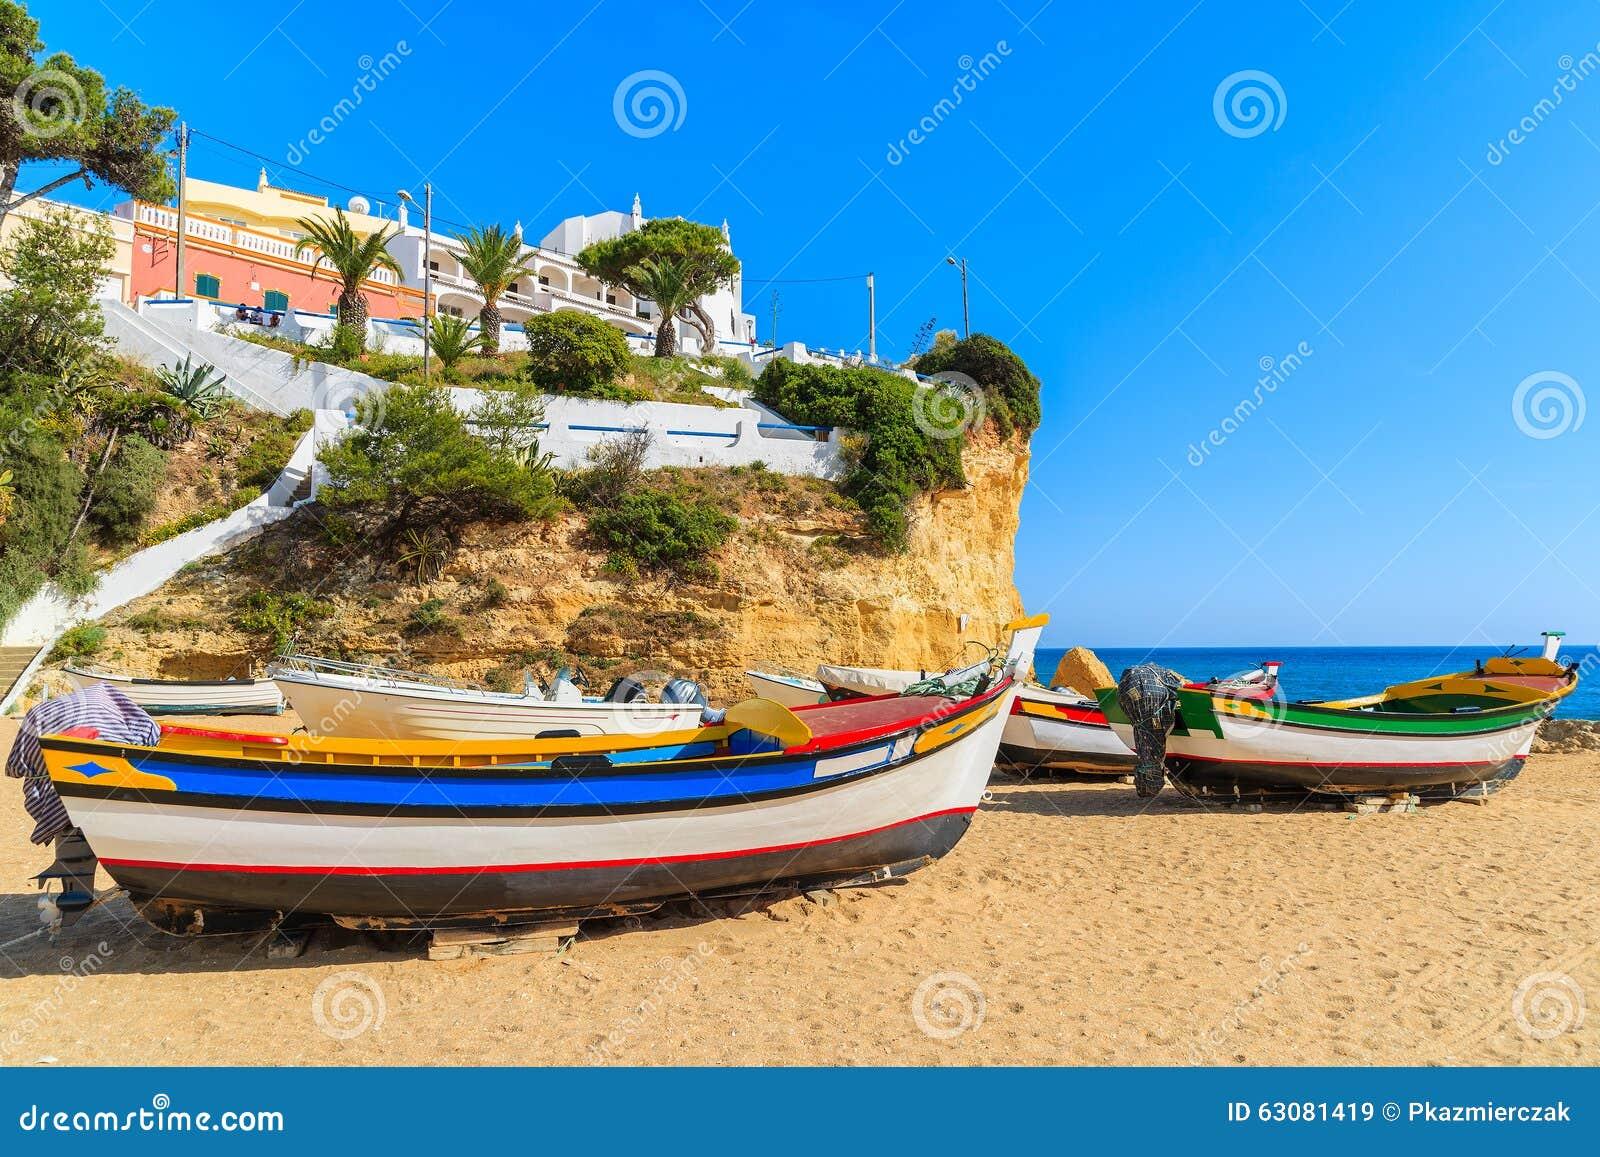 Download Bateaux De Pêche Typiques Sur La Plage Image stock - Image du arénacé, bleu: 63081419